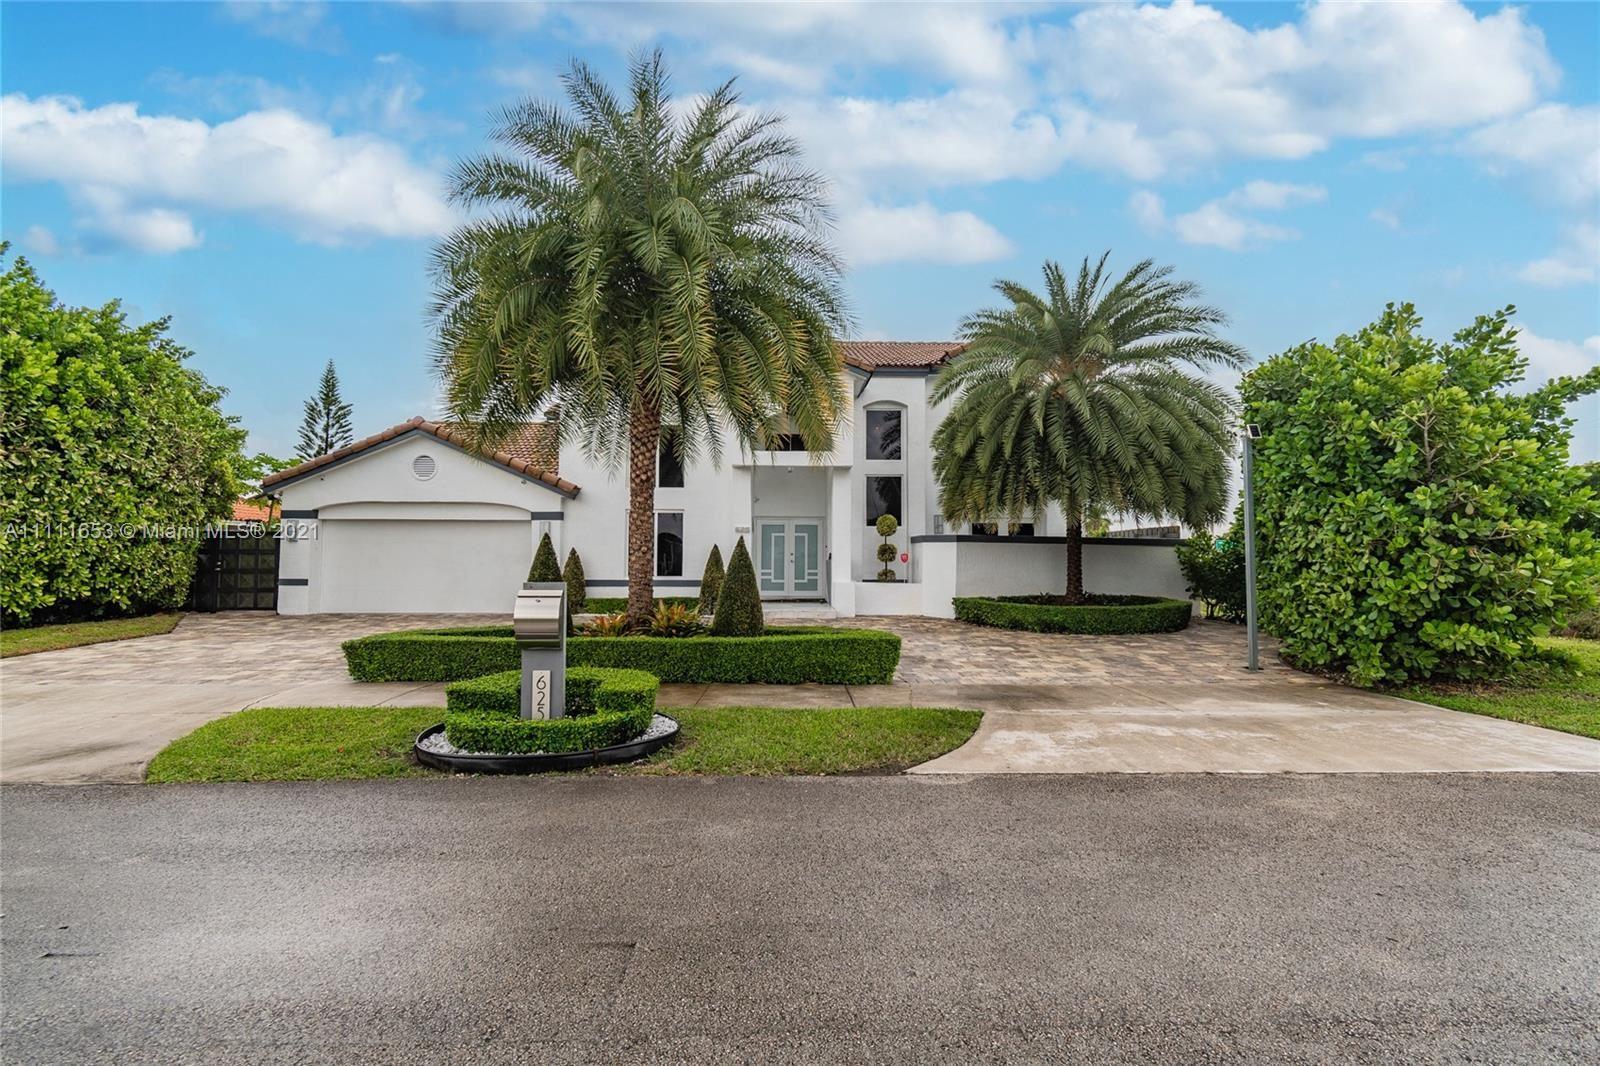 625 SW 131st Ct, Miami, FL 33184 - #: A11111653